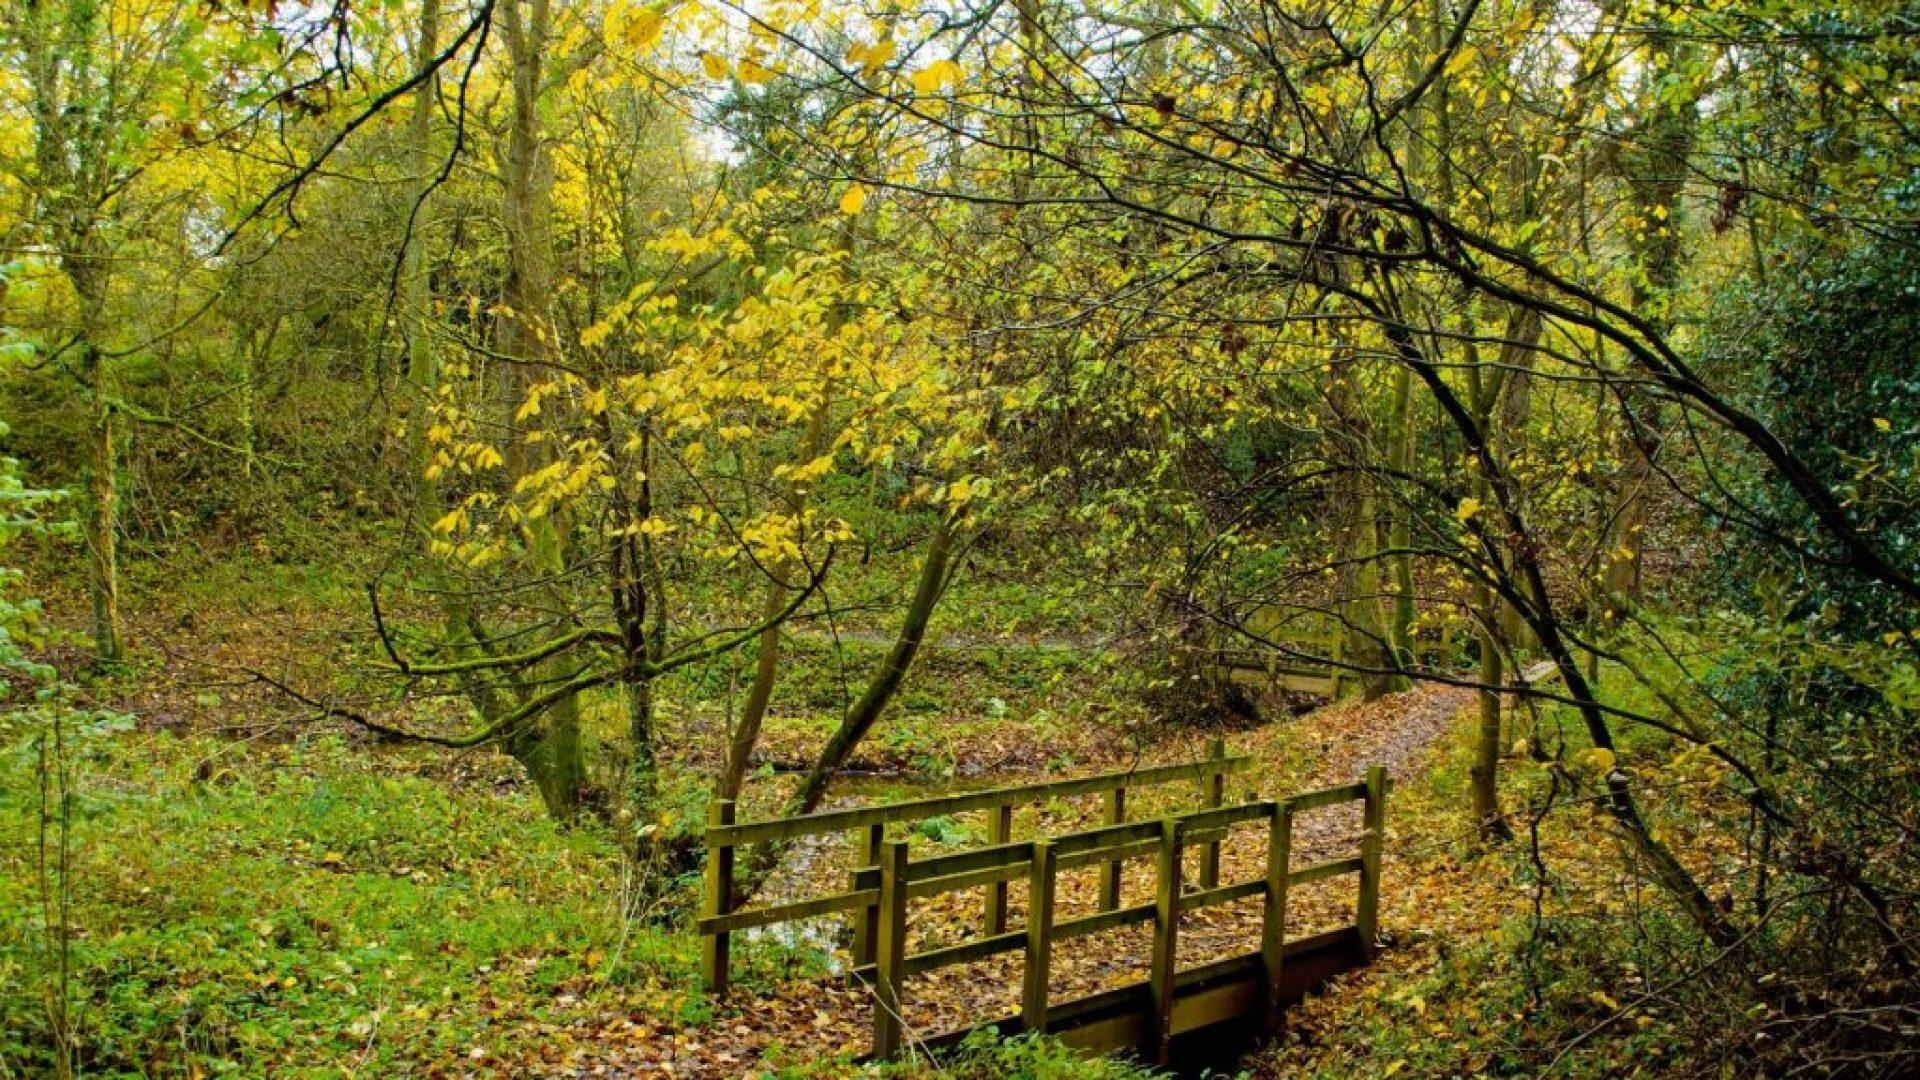 Autumn_Landscape_Slider_Image